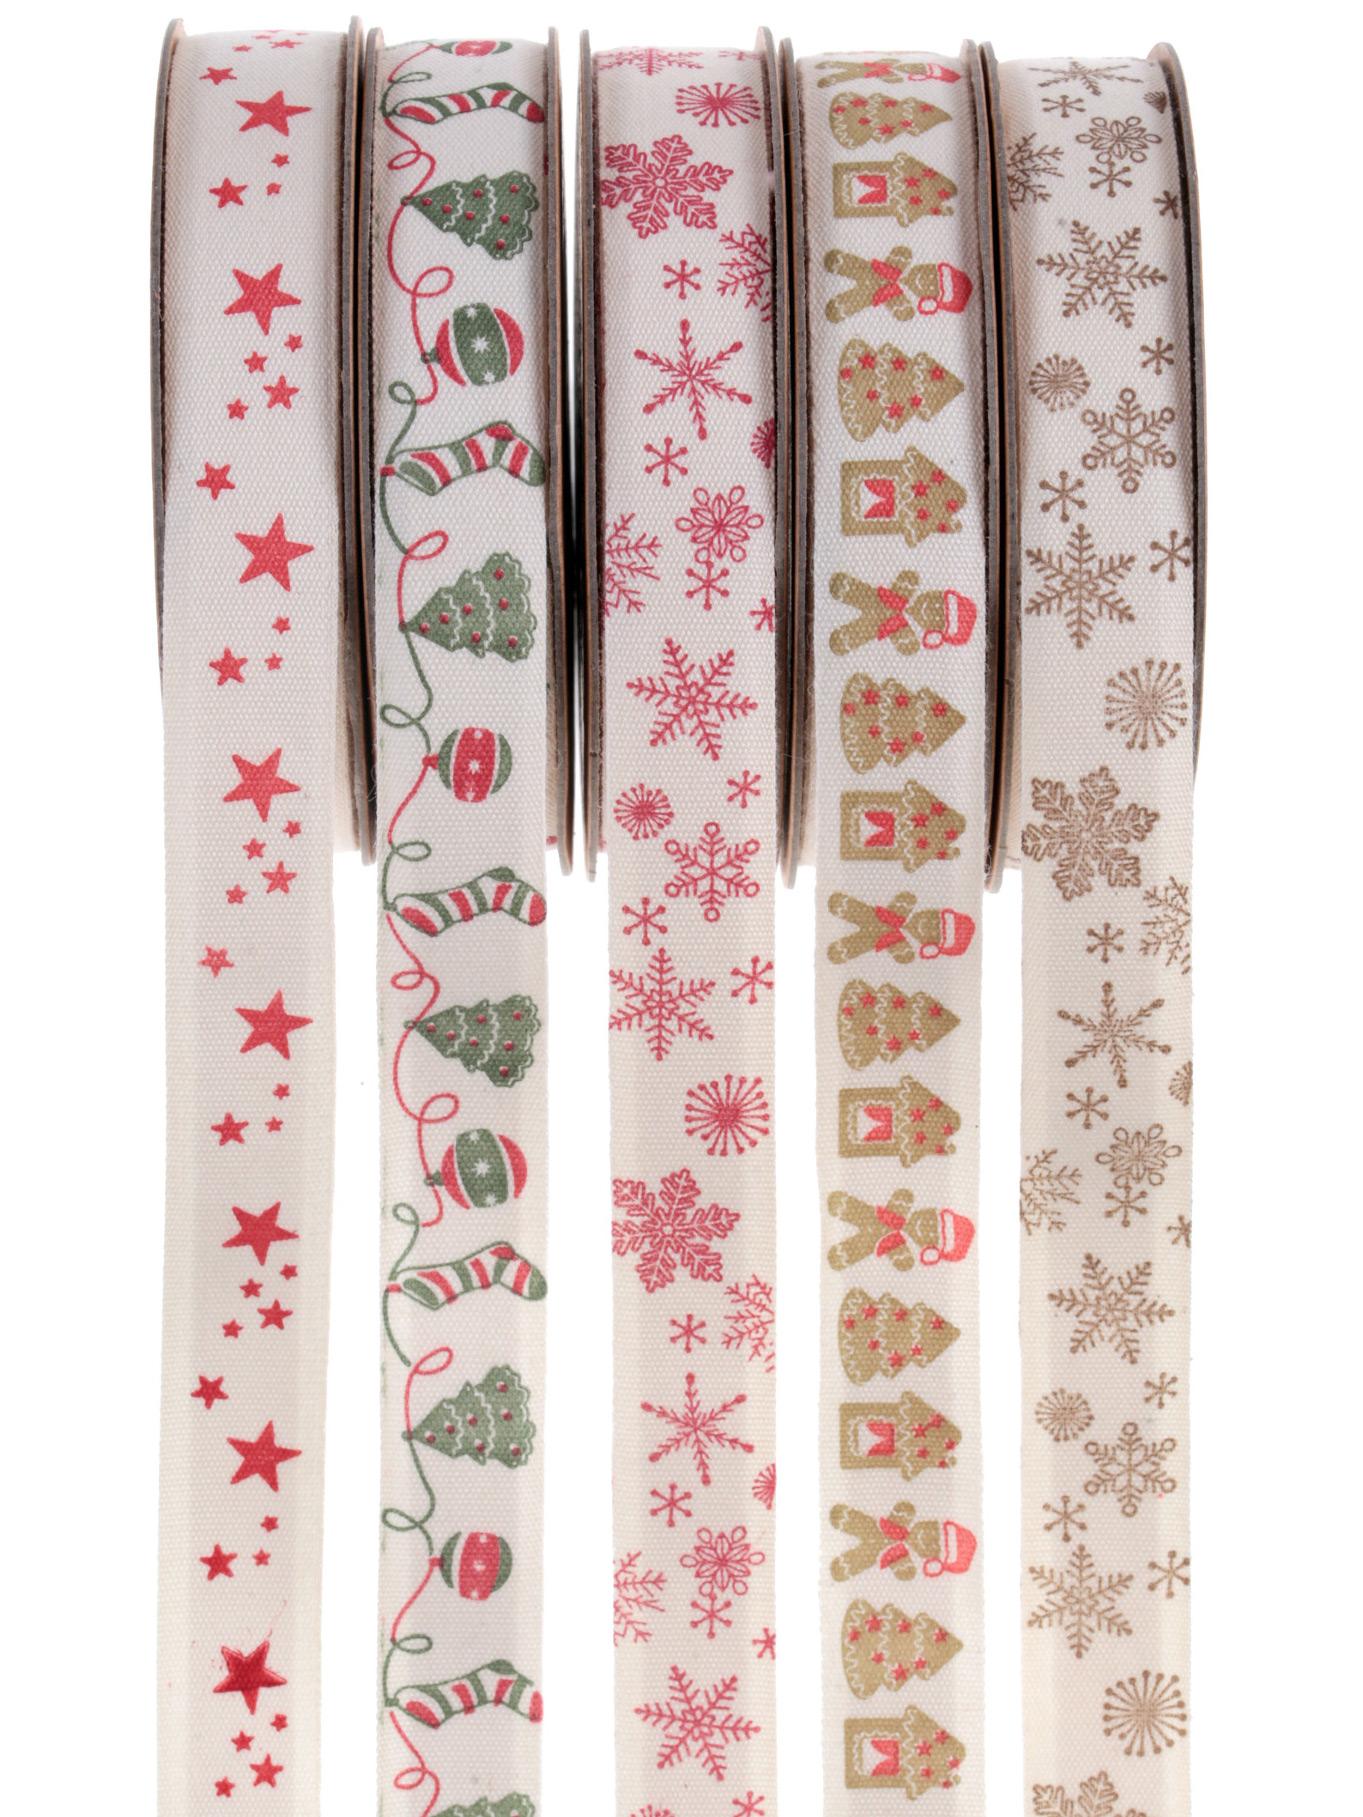 5 nastri adesivi natalizi su vegaooparty negozio di articoli per feste - Nastri decorativi natalizi ...